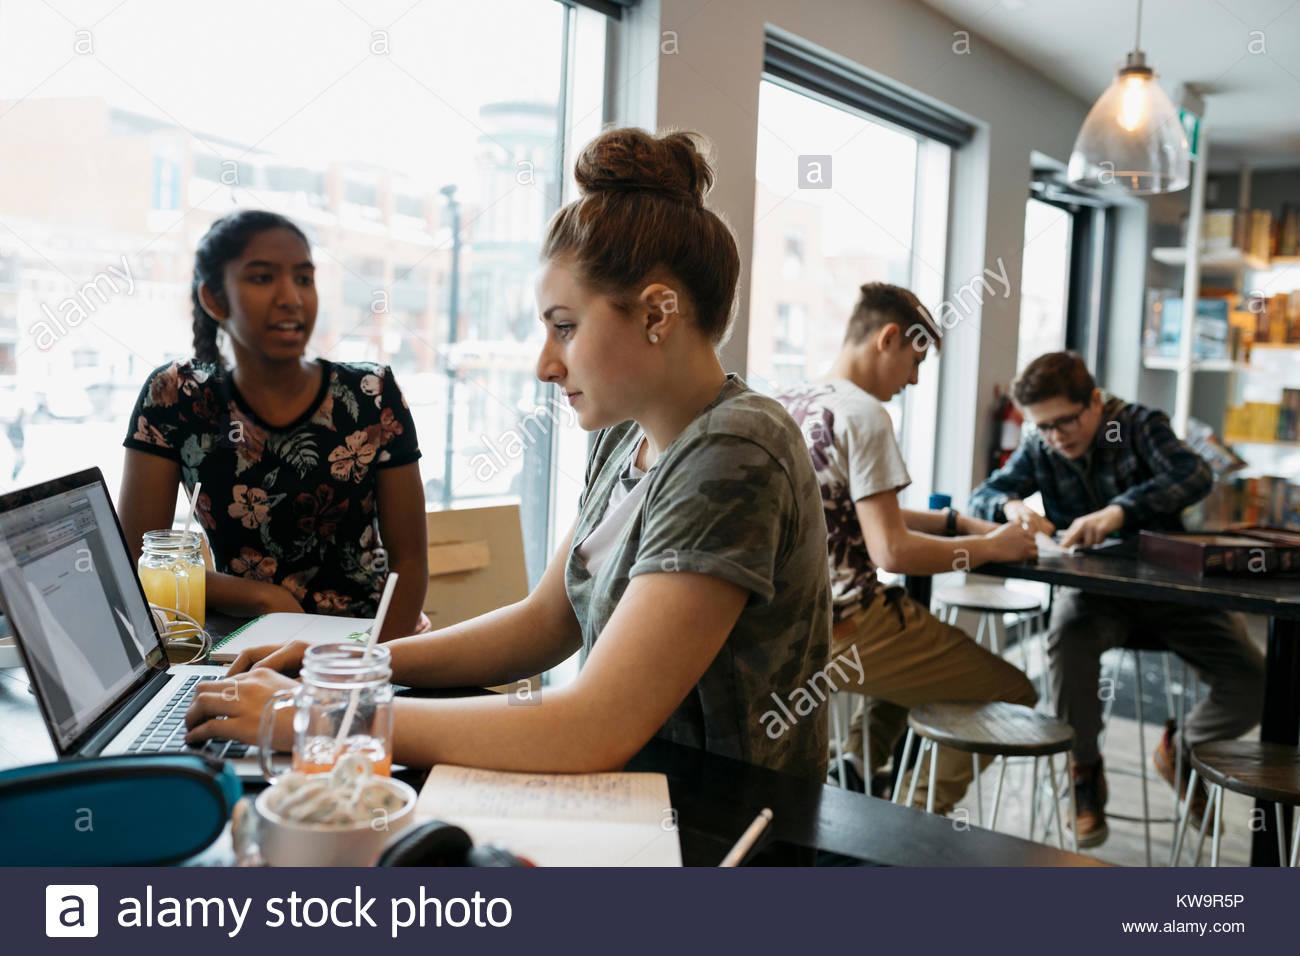 Les élèves du secondaire l'étude,using laptop in cafe Banque D'Images